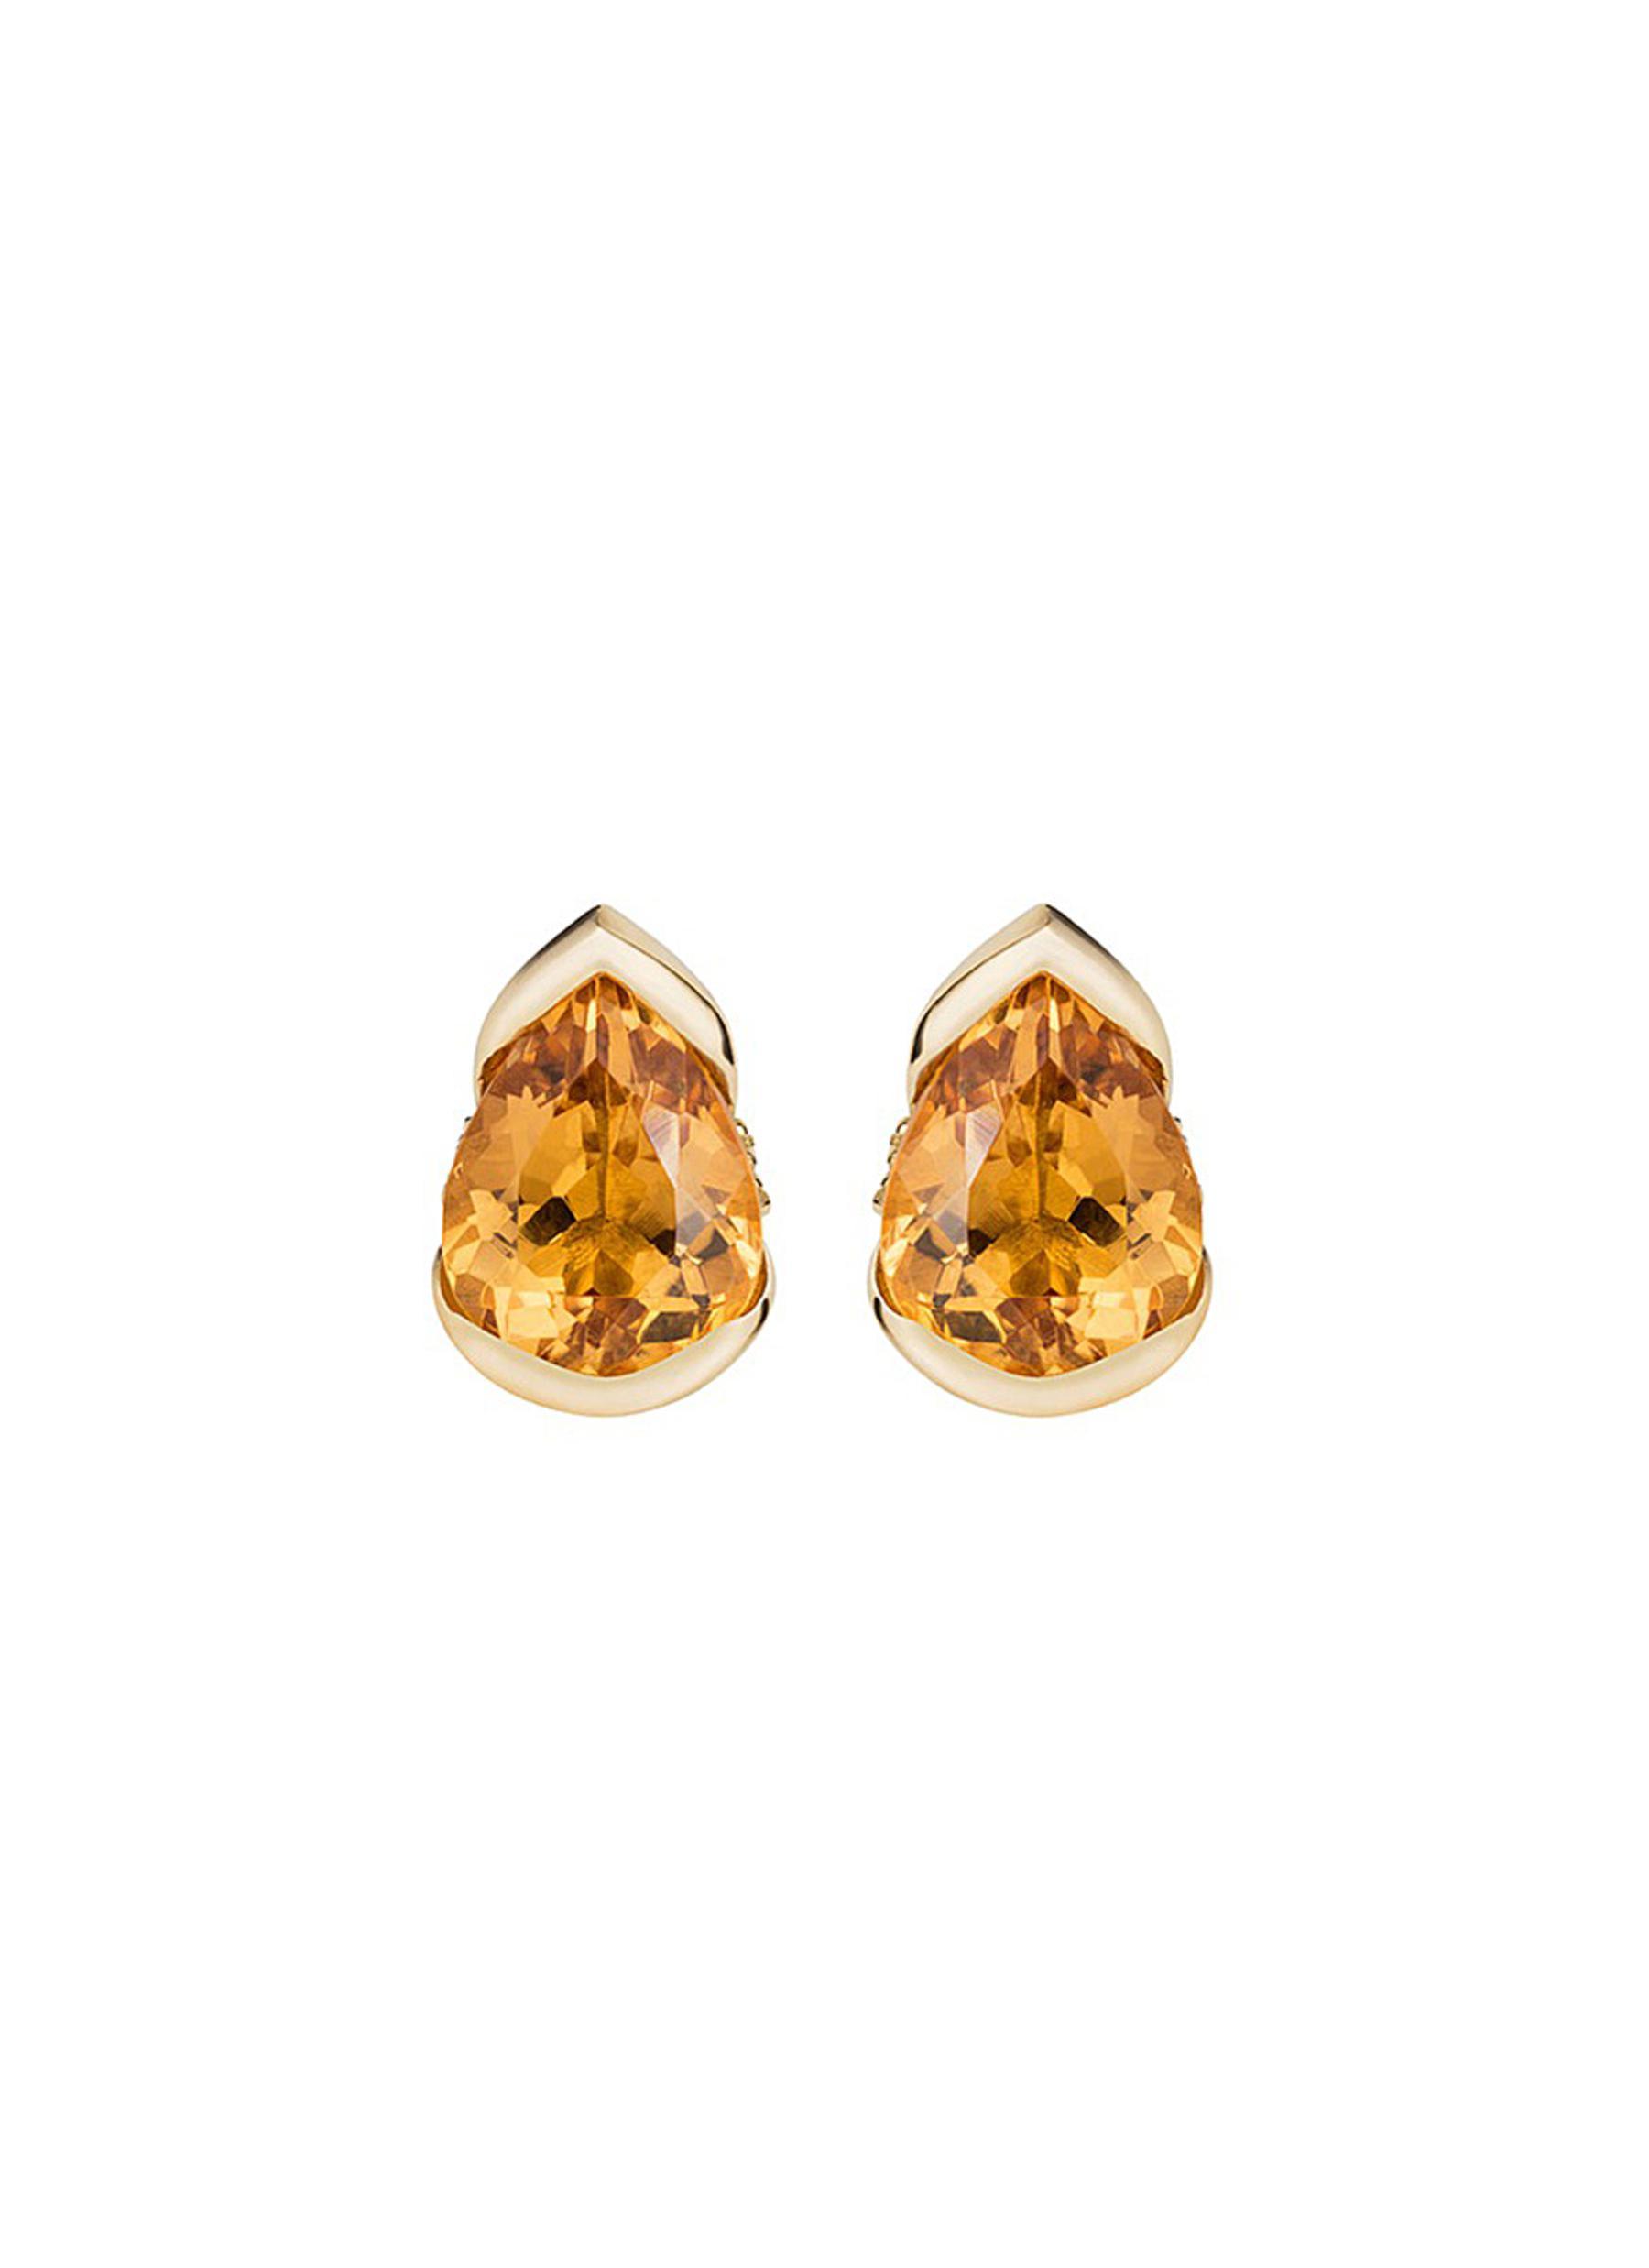 Bloom diamond topaz 18k gold large stud earrings by Fernando Jorge